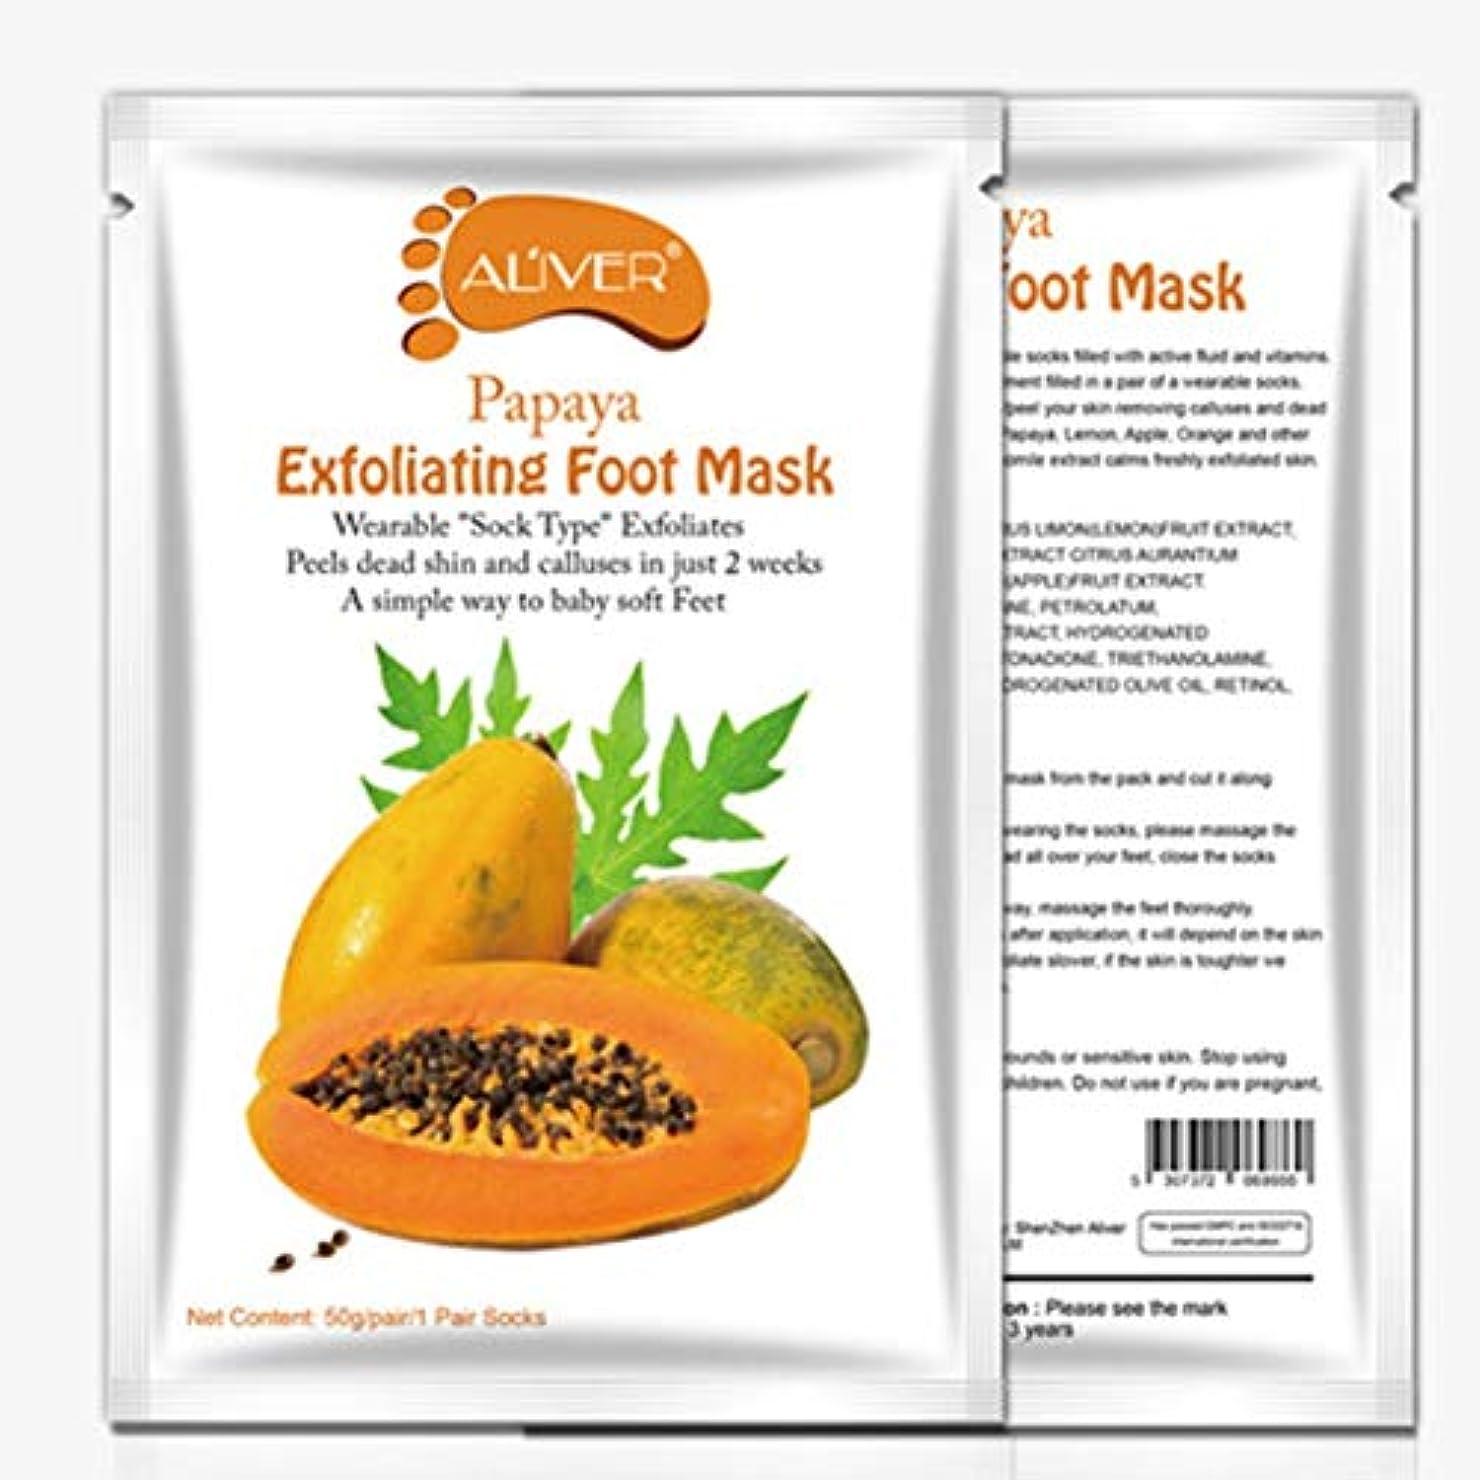 くるみ凶暴な配分ペア/セット便利なフットケアパパイヤ剥離ピールマスクやわらかい足でデッドスキンモイスチャライジングマスクを取ります